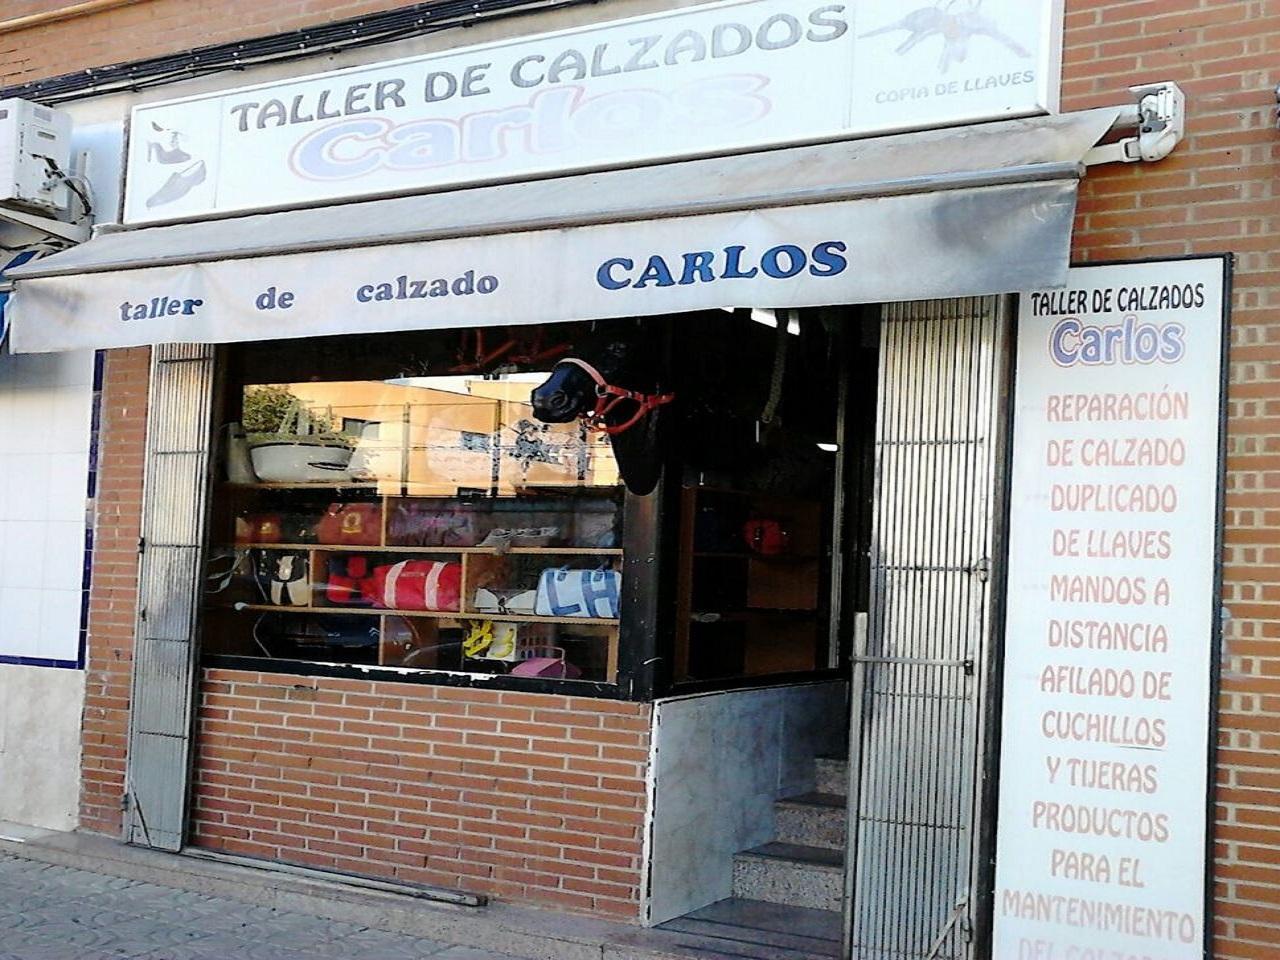 TALLER DE CALZADOS CARLOS